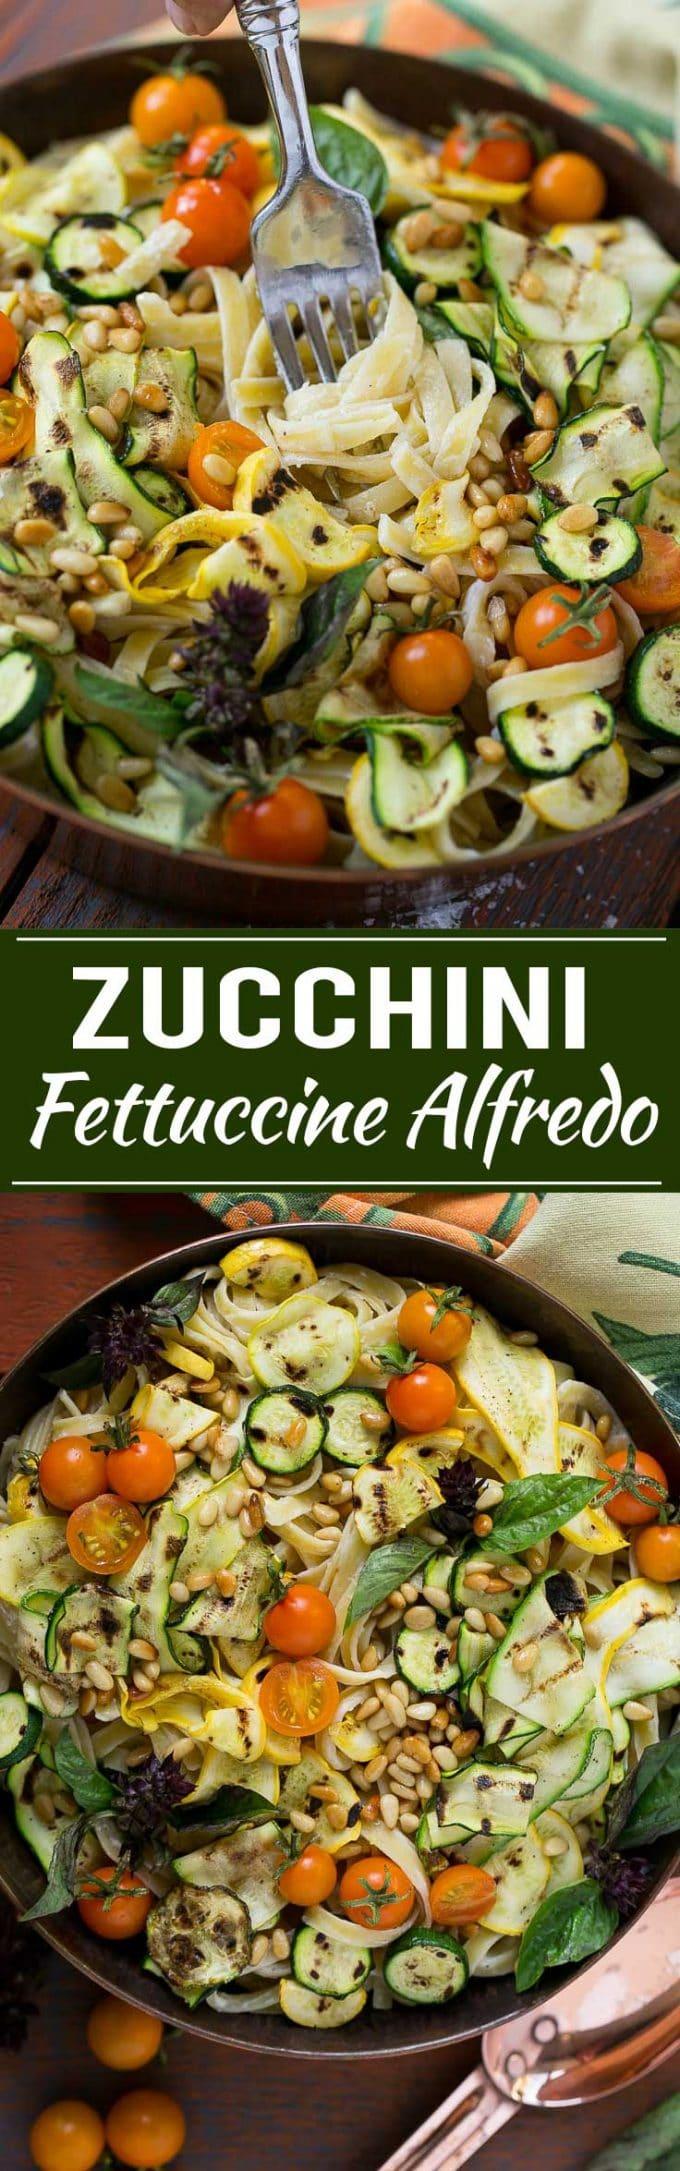 Zucchini Fettuccine Alfredo Recipe | Healthy Zucchini Fettuccine Alfredo | Lighter Zucchini Fettuccine Alfredo | Best Zucchini Fettuccine Alfredo